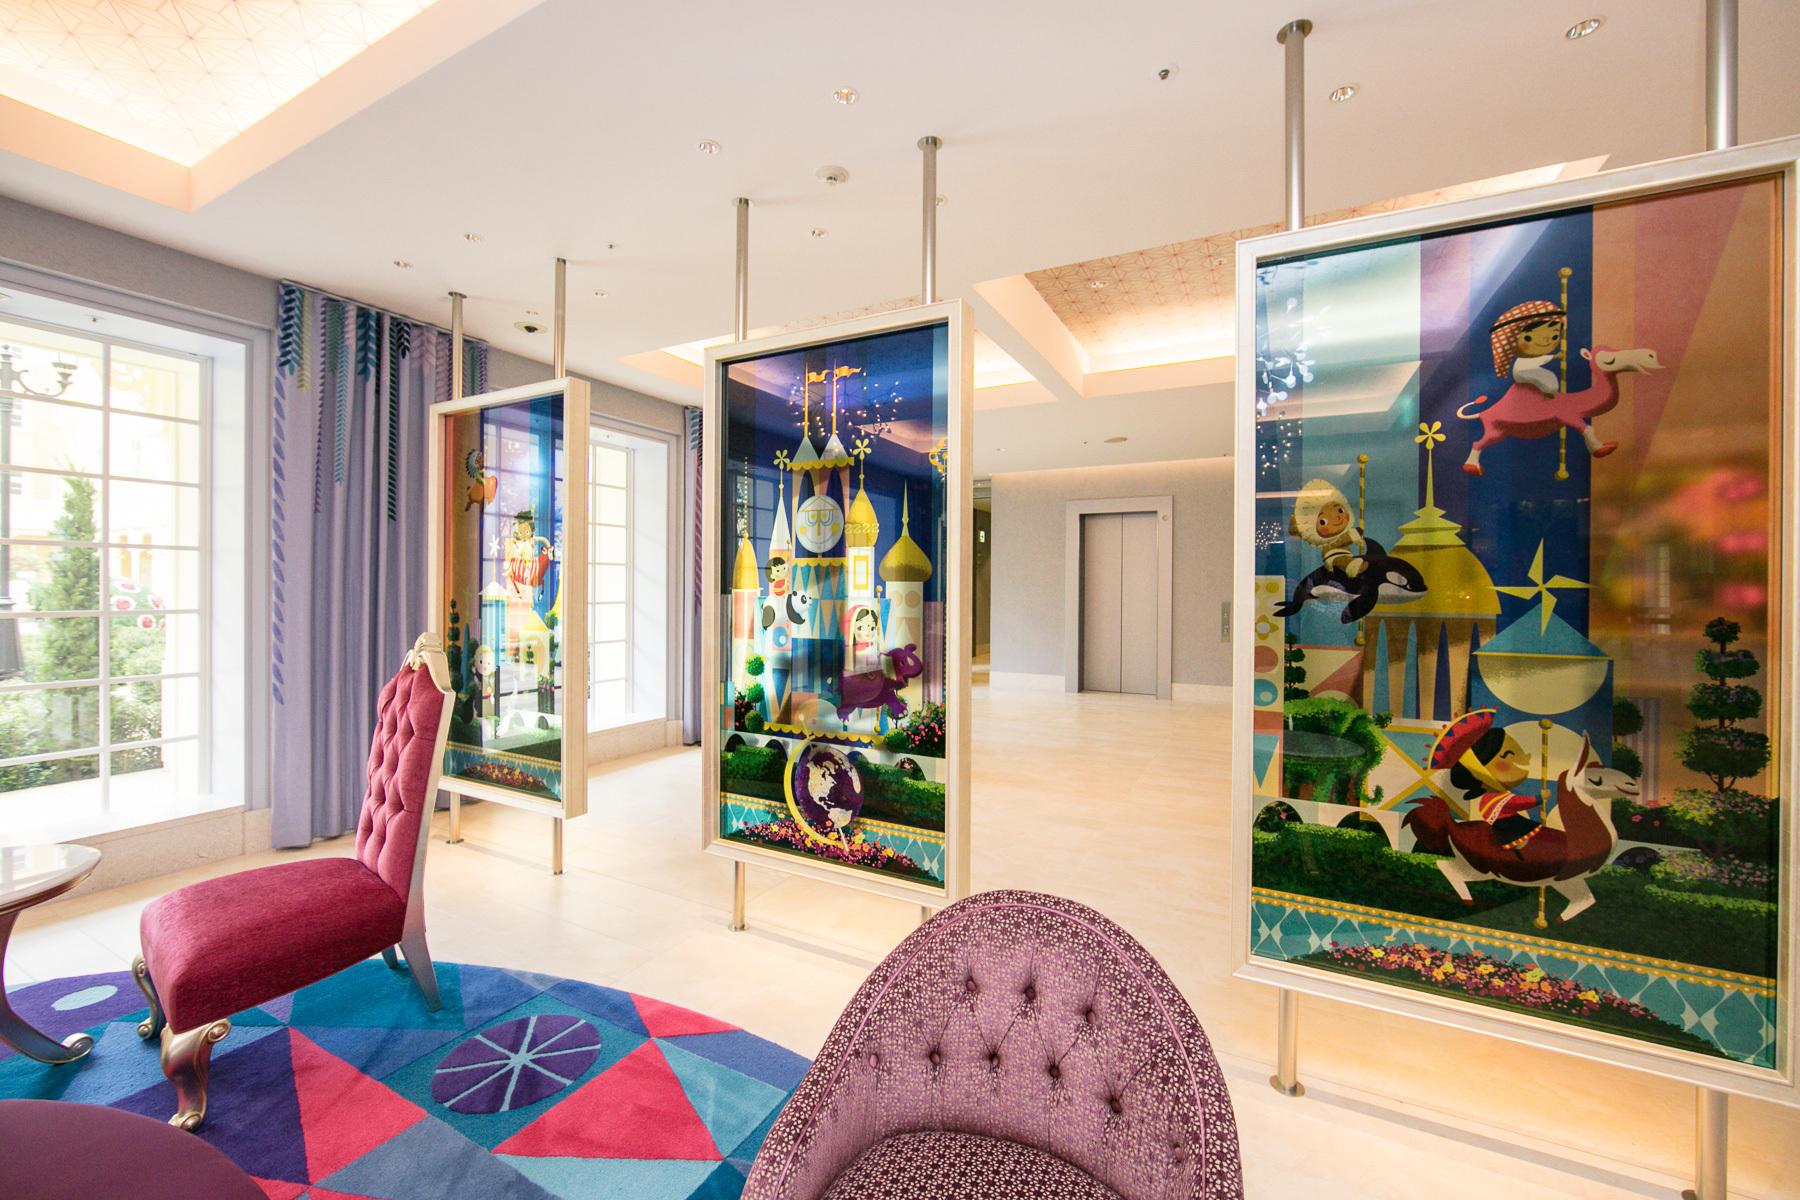 新ディズニーホテル】お得で可愛いホテルが誕生! 東京ディズニーセレブ